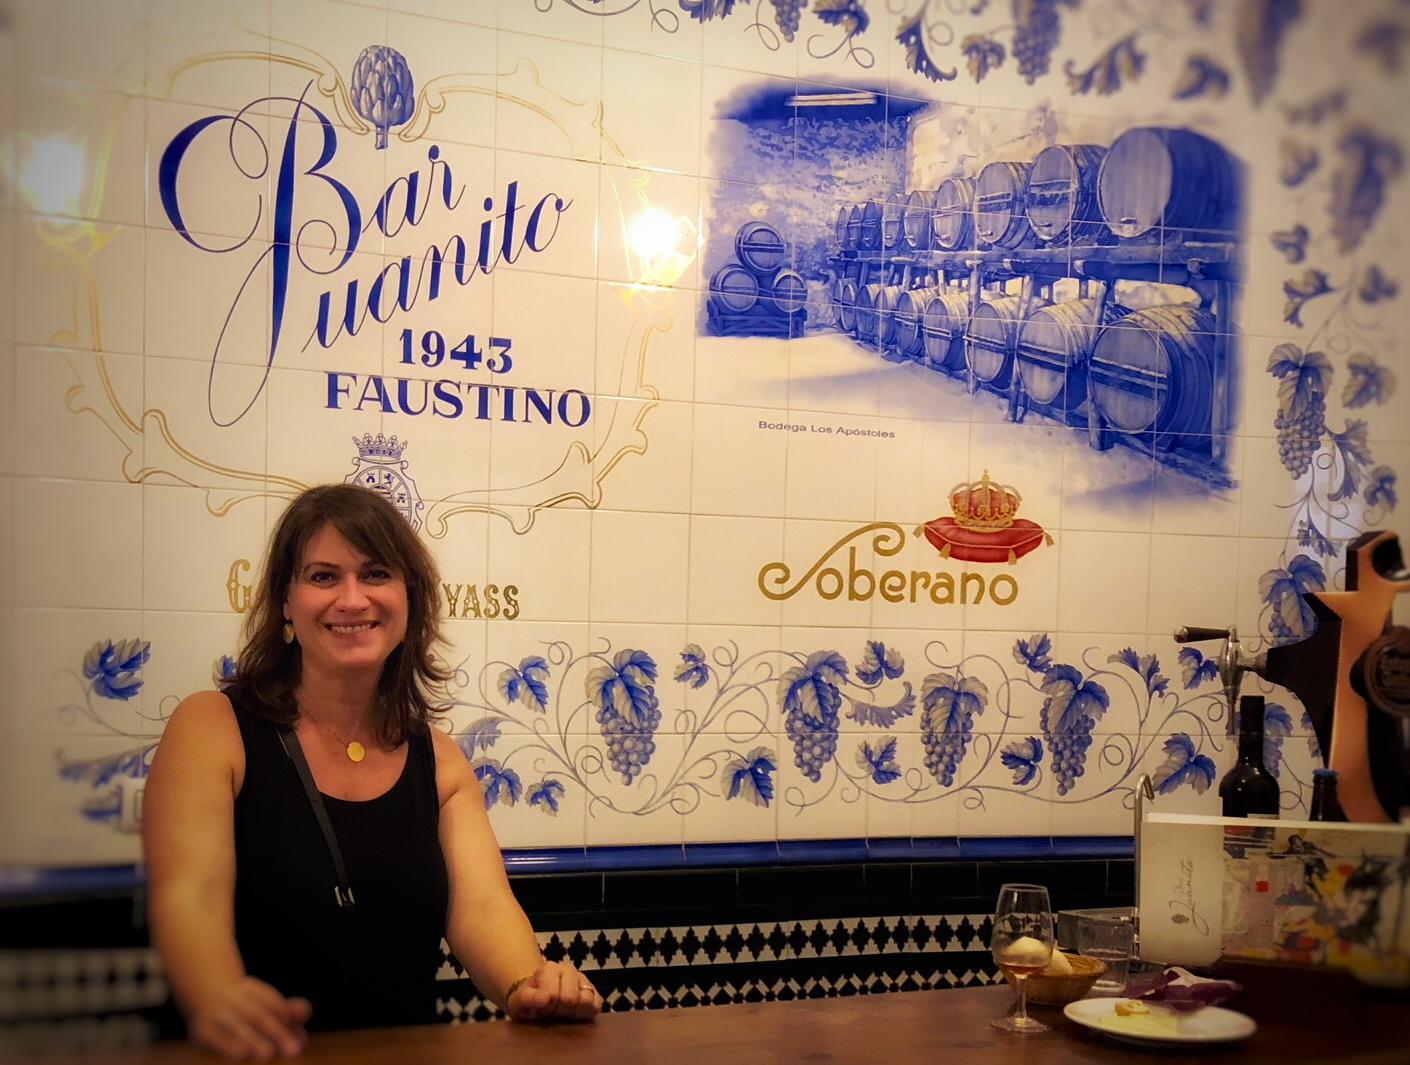 Me at Bar Juanito